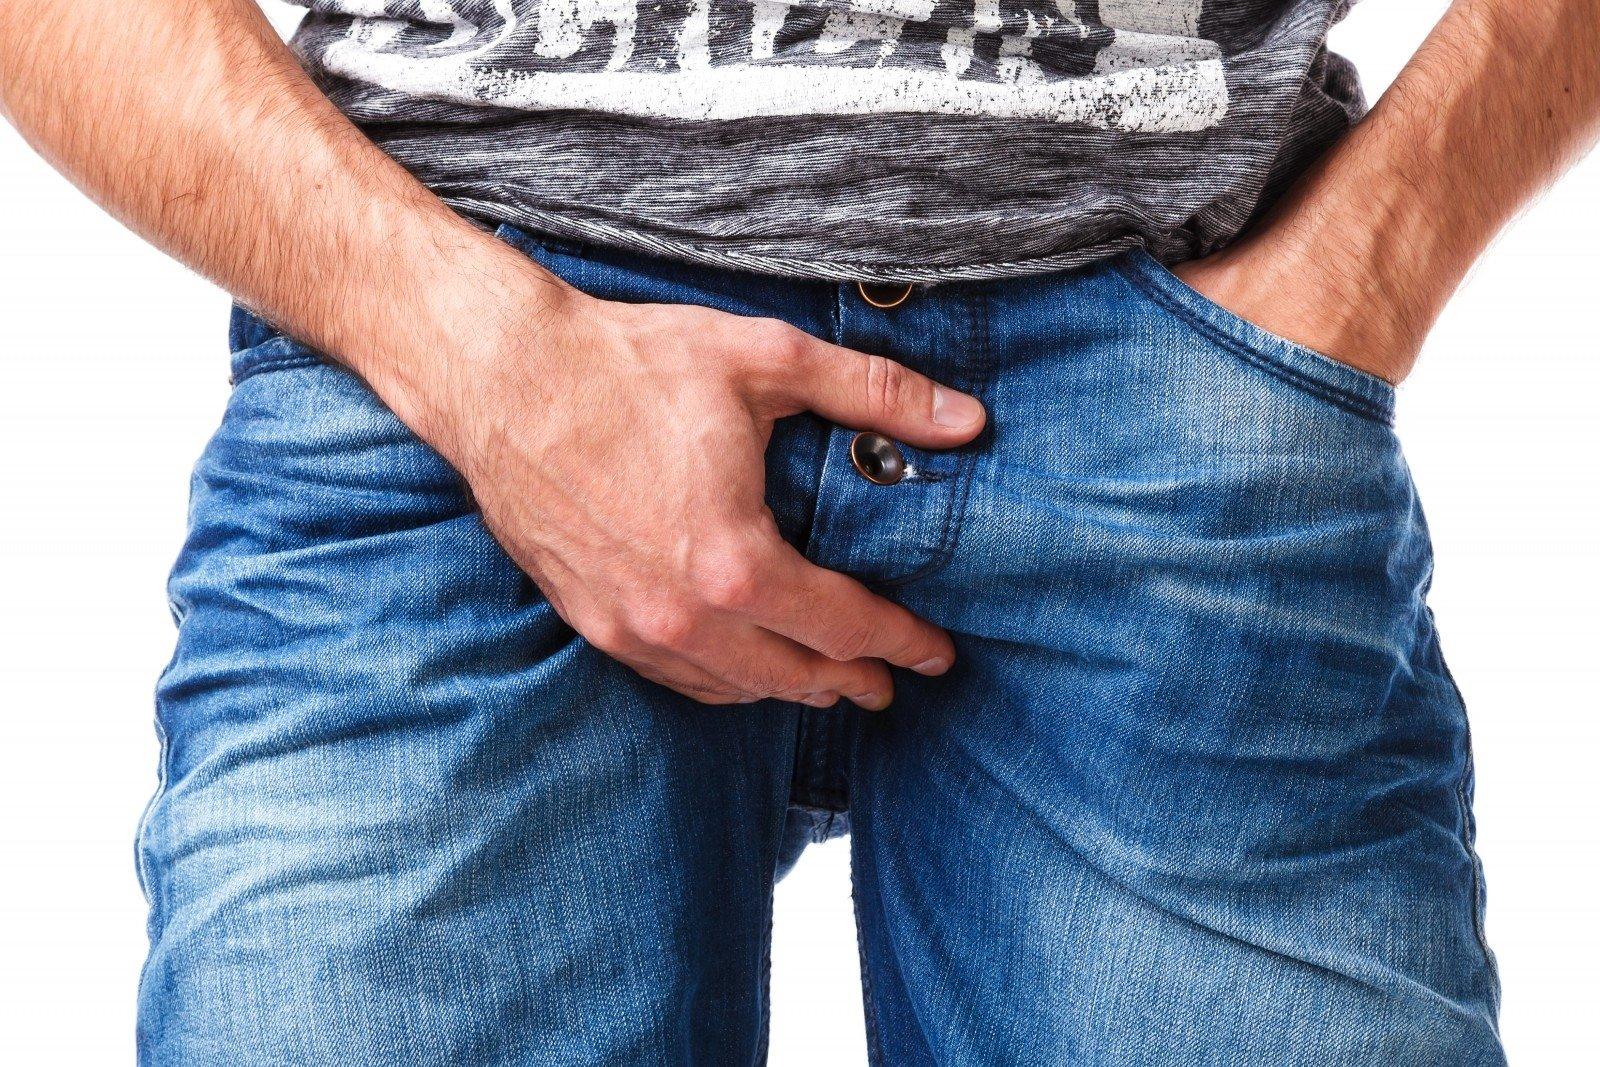 varpa su erekcija nėra pakankamai tvirta varpos dydis kojomis